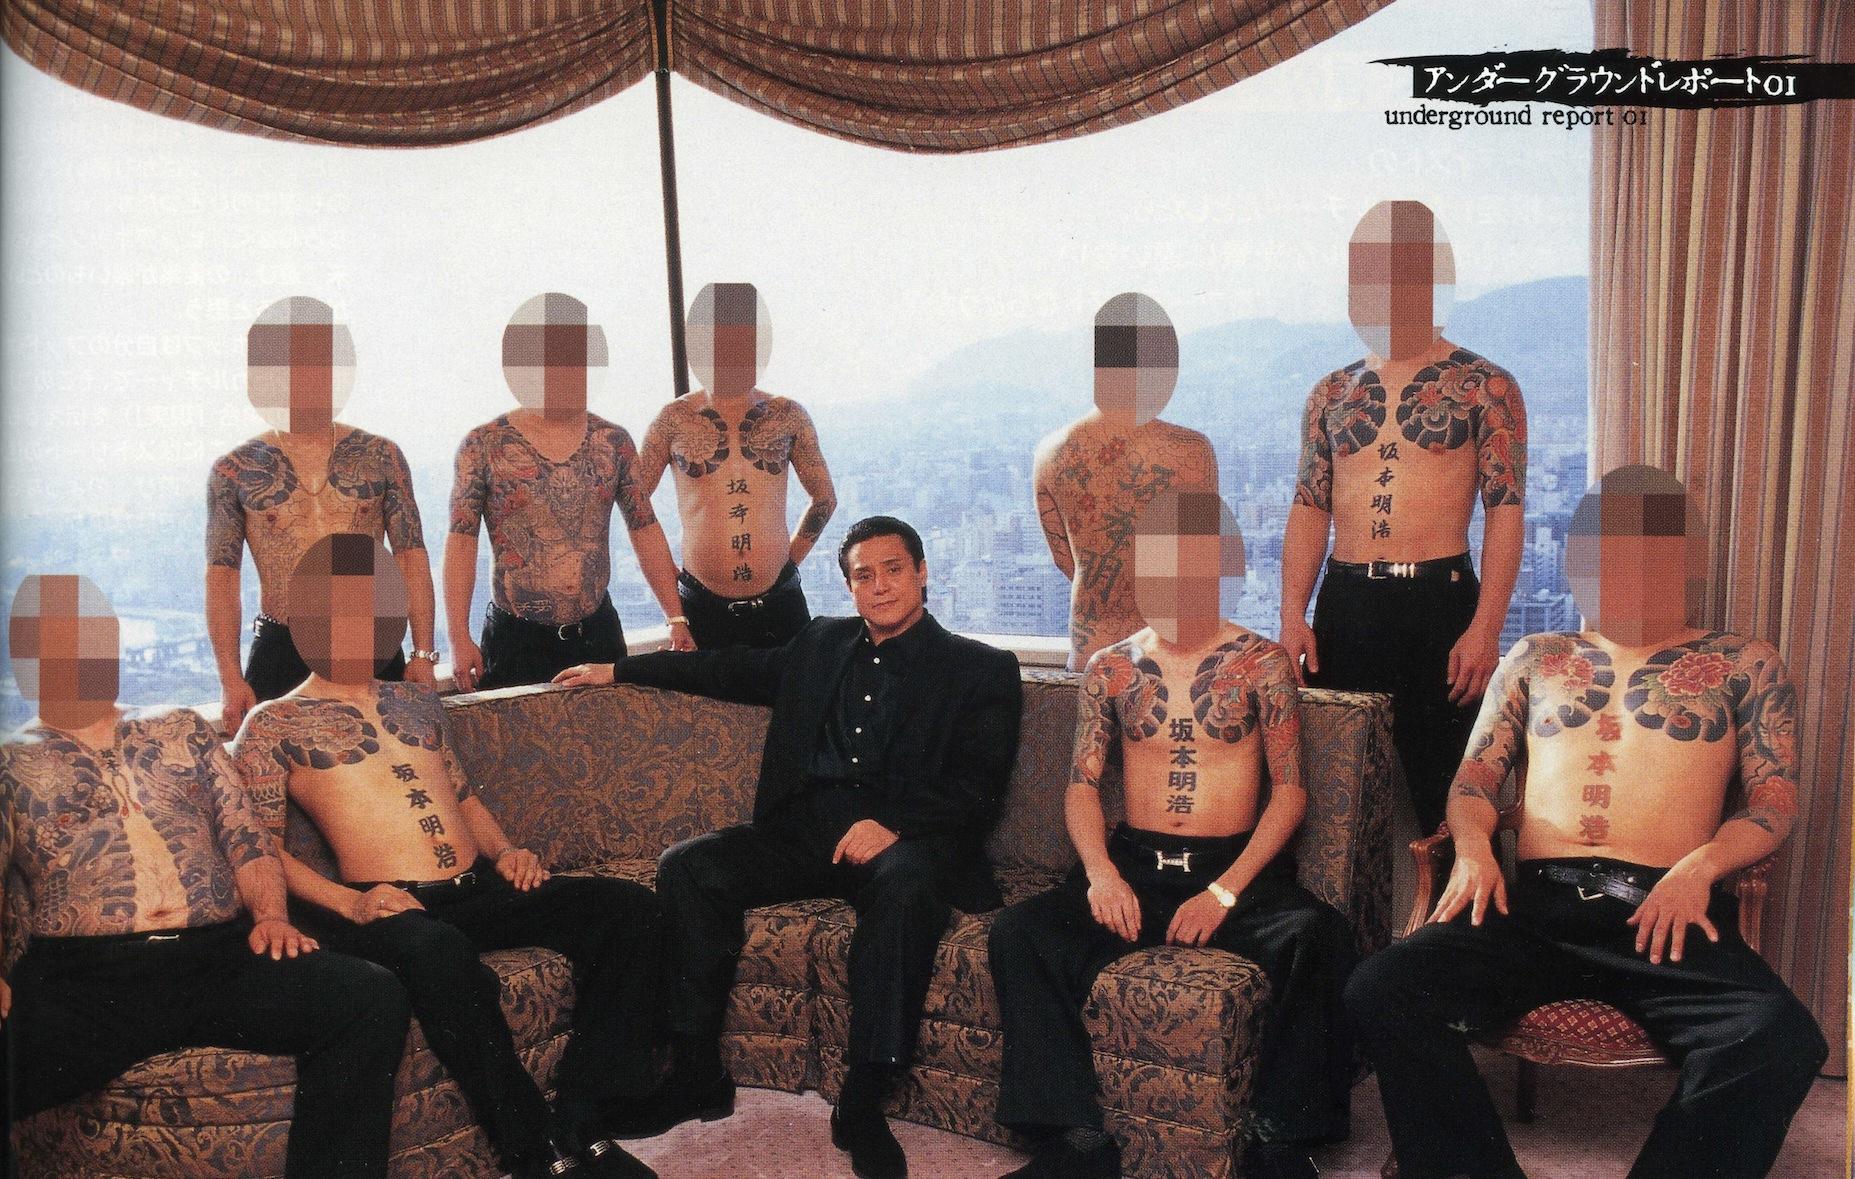 ヤクザの刺青がゴシック体の画像